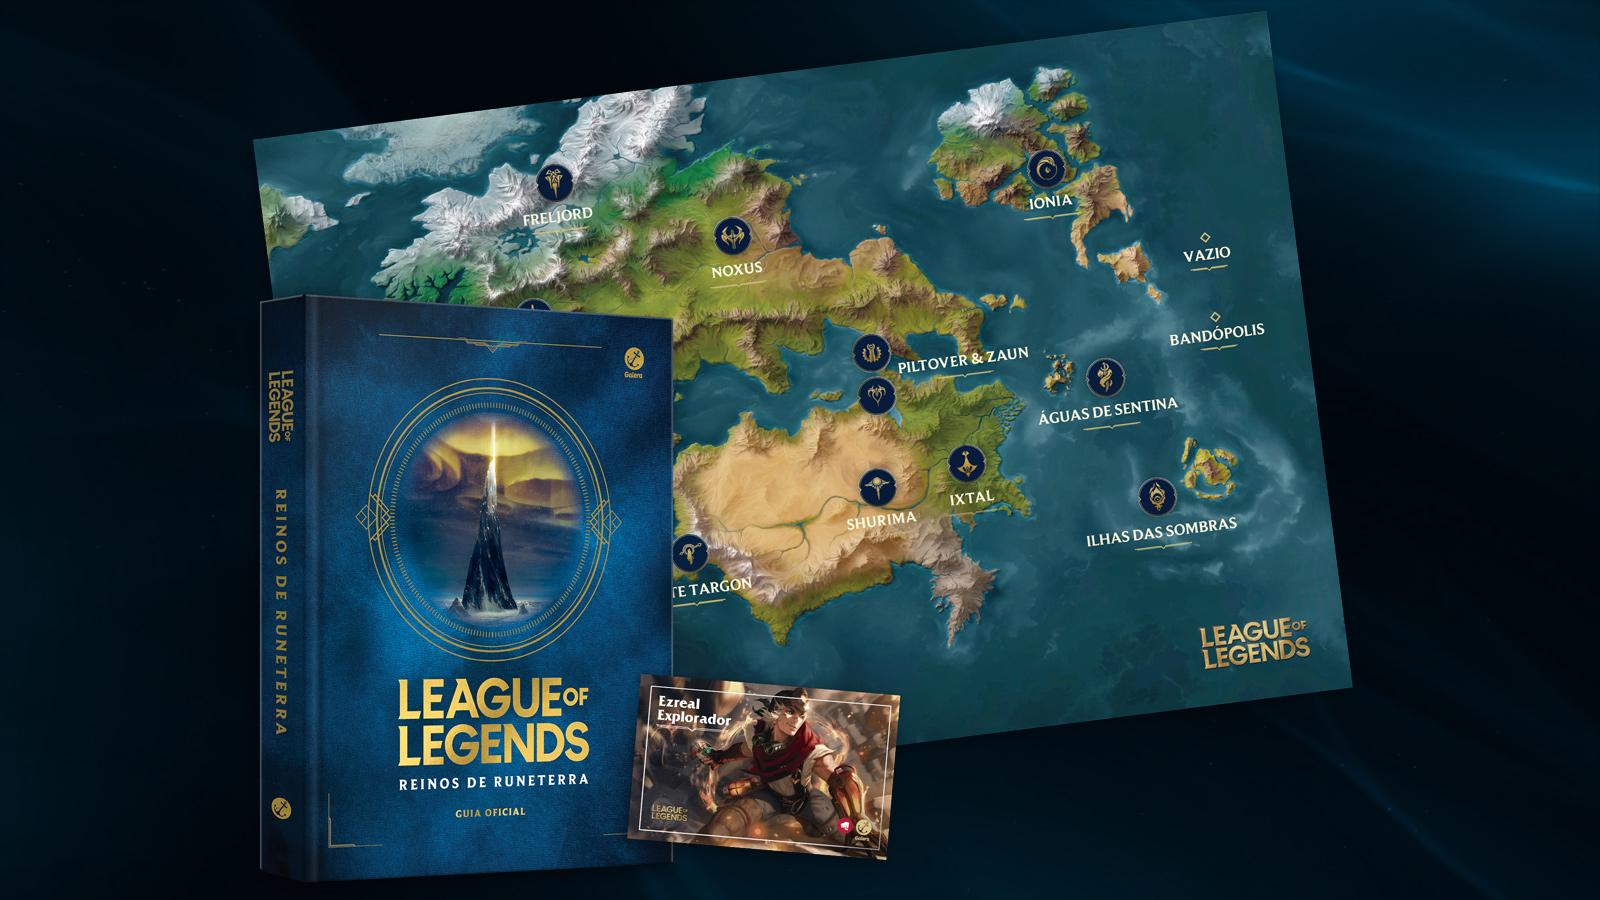 Garanta a pré-venda do livro Reinos de Runeterra! - League of Legends